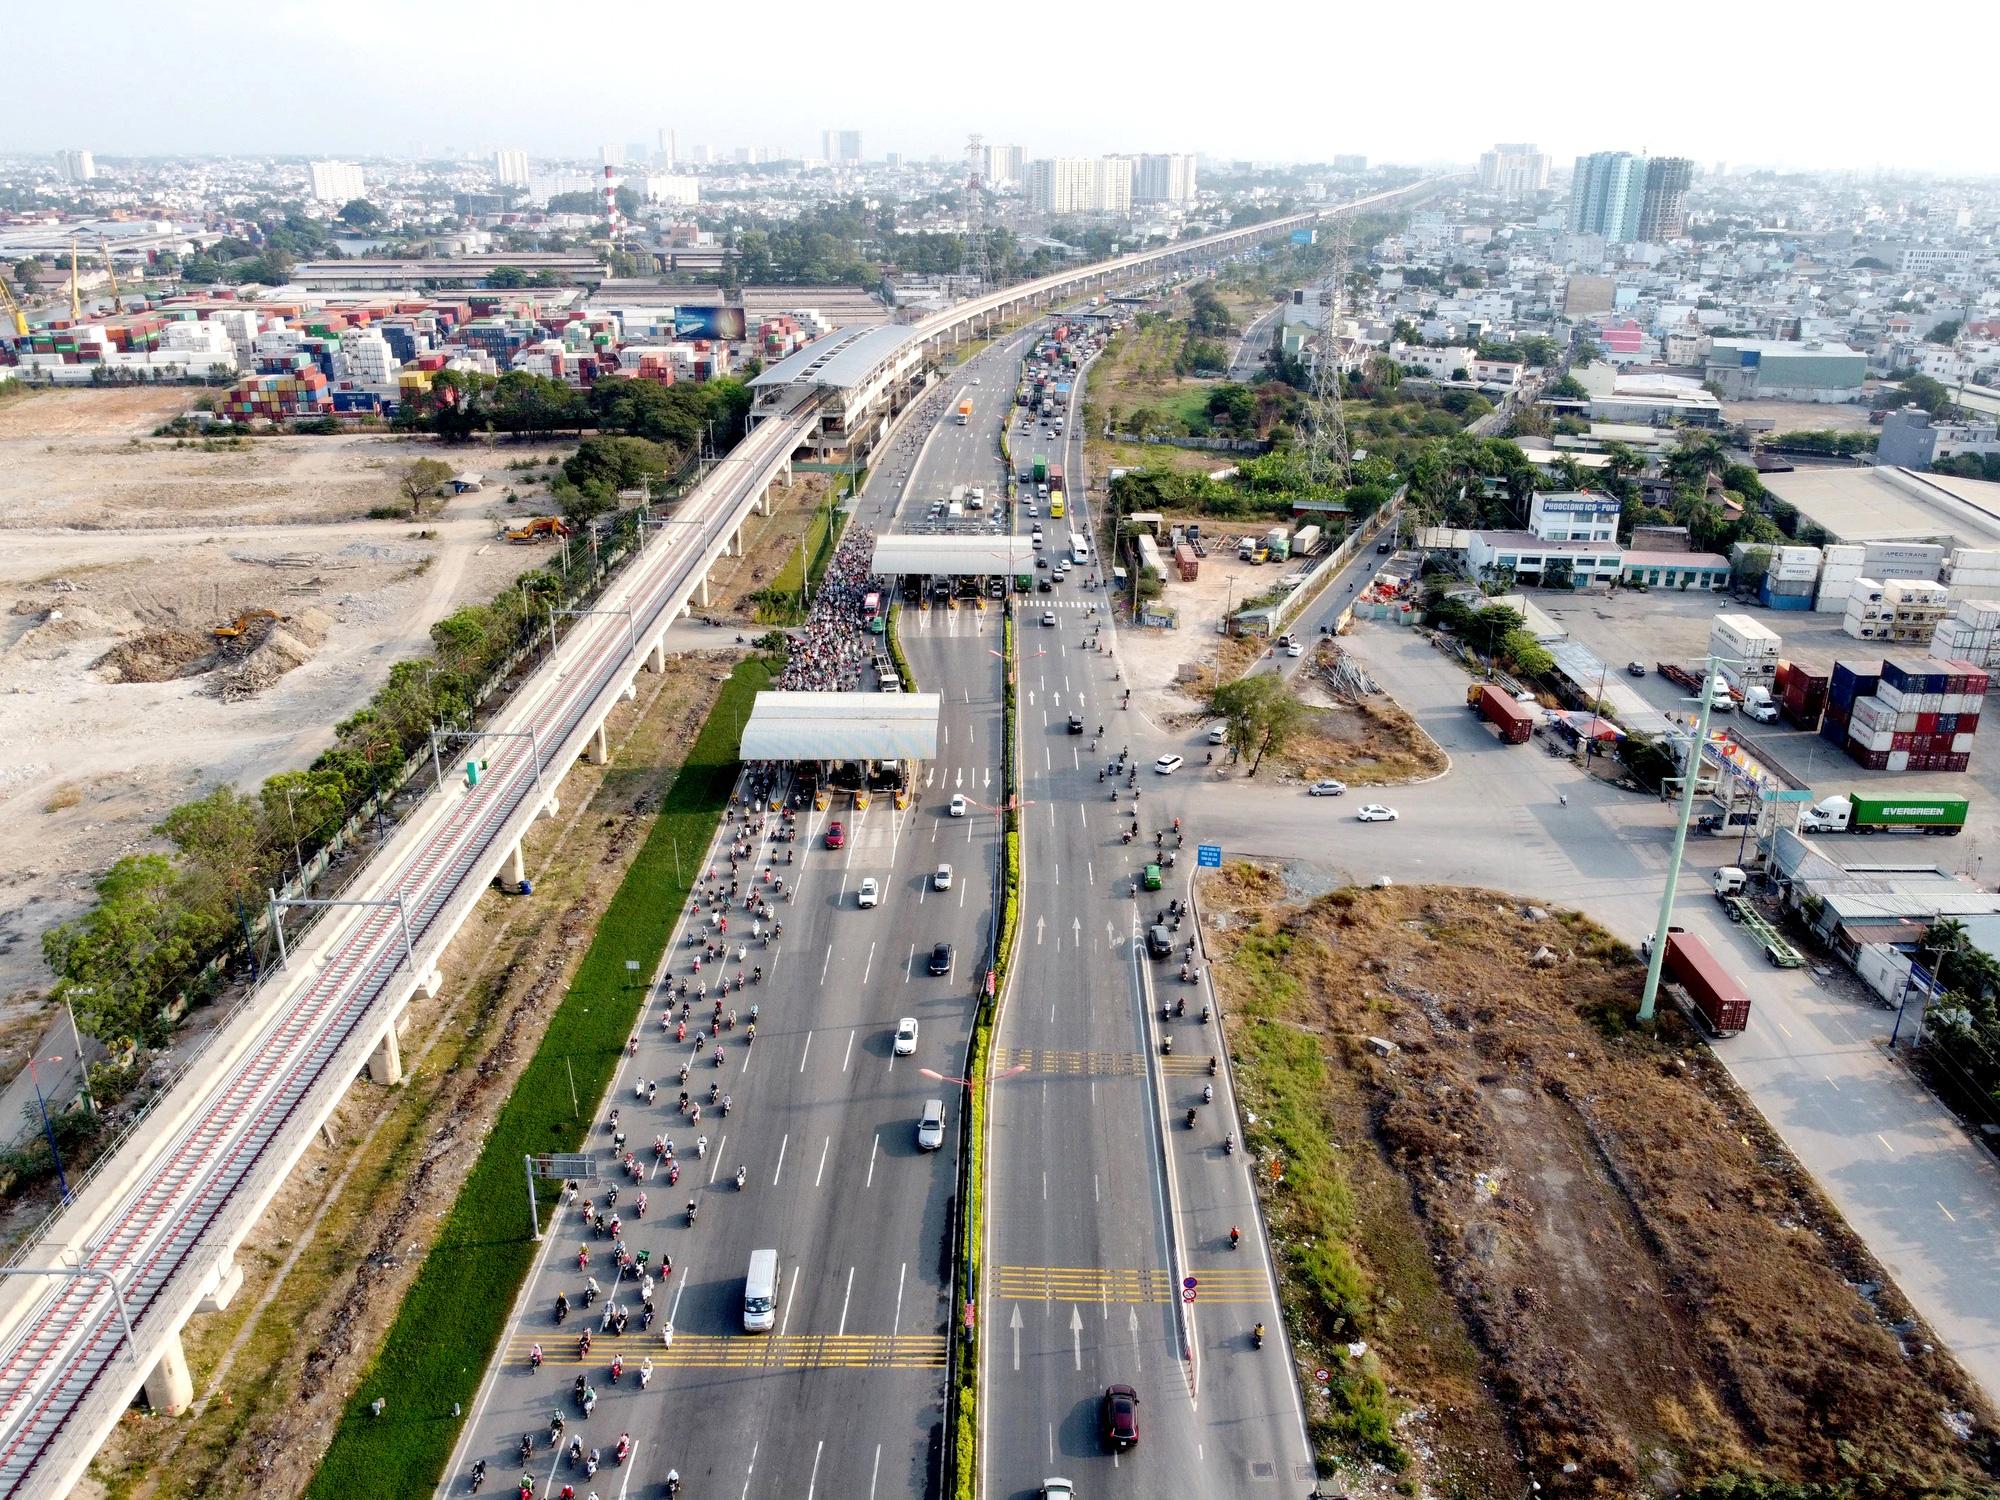 8 tuyến đường sắt đô thị của TP HCM: Metro số 1 chạy thương mại năm 2022, Metro số 2 GPMB xong trong năm nay - Ảnh 5.